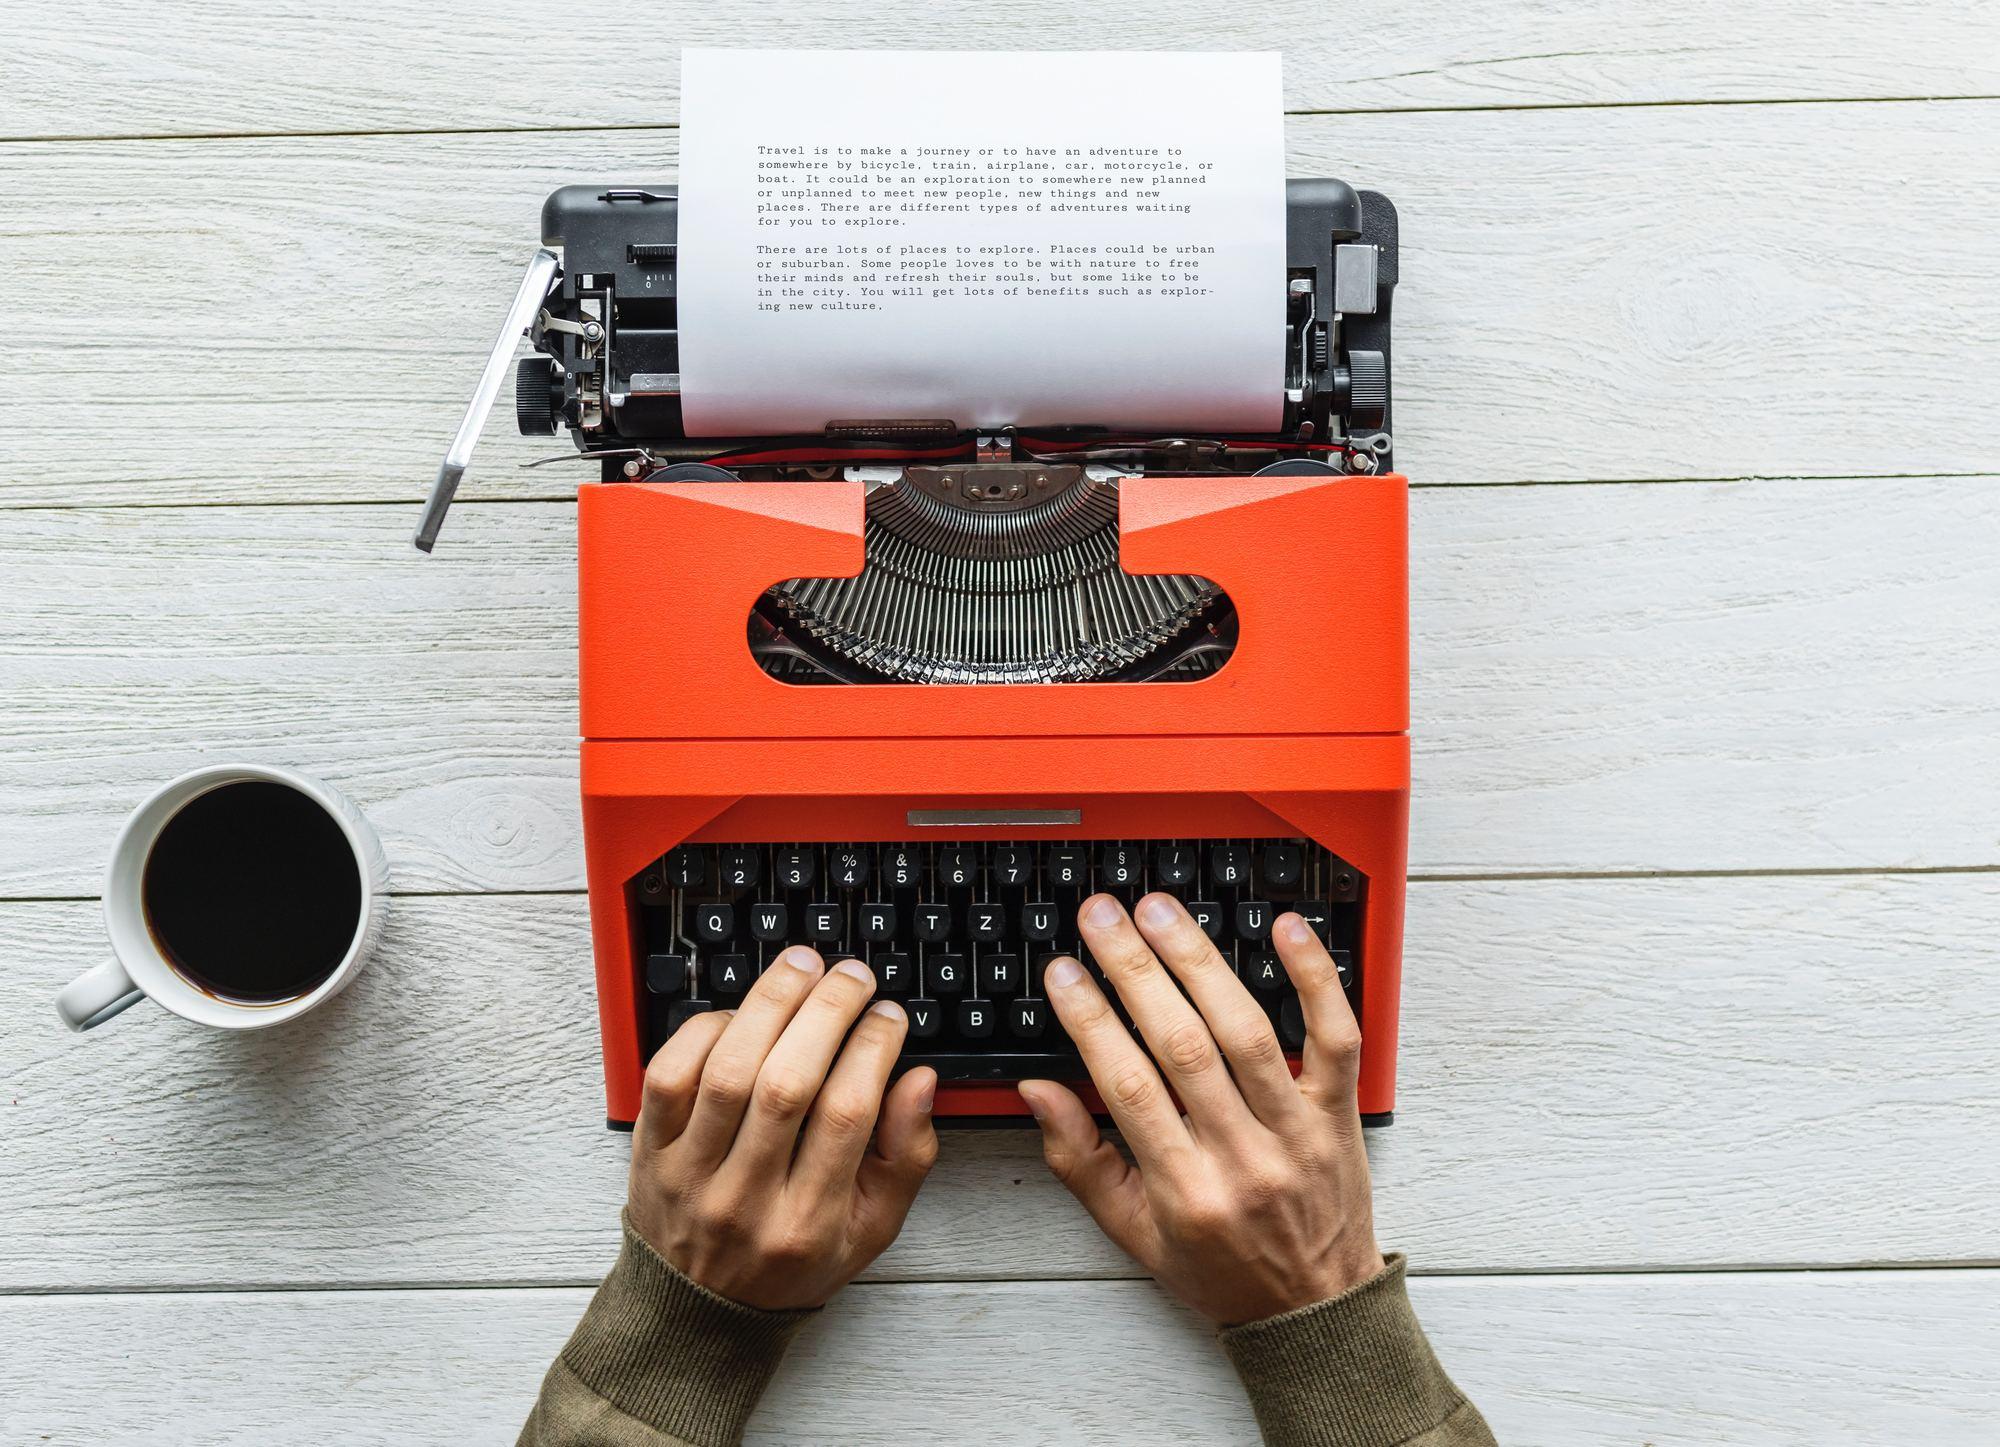 travel writing - typewriter